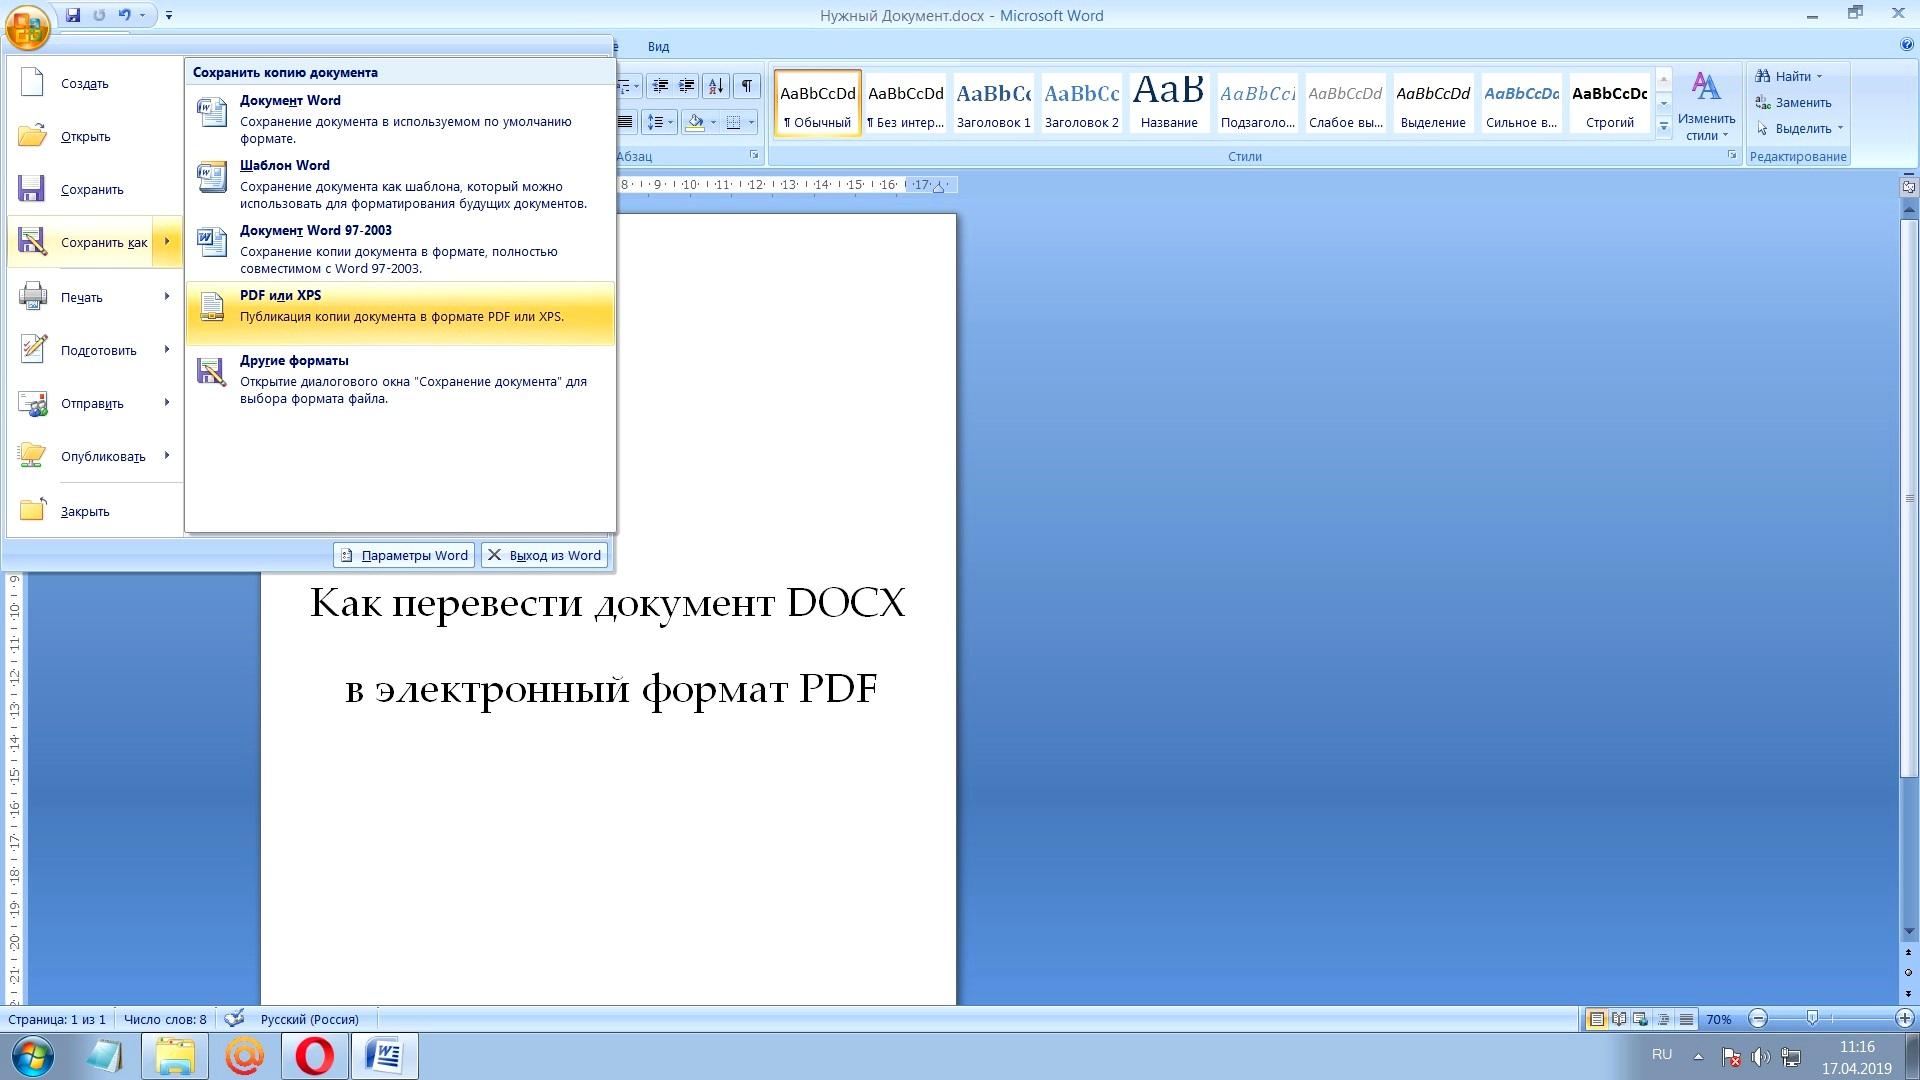 Как перевести документ docx в формат pdf